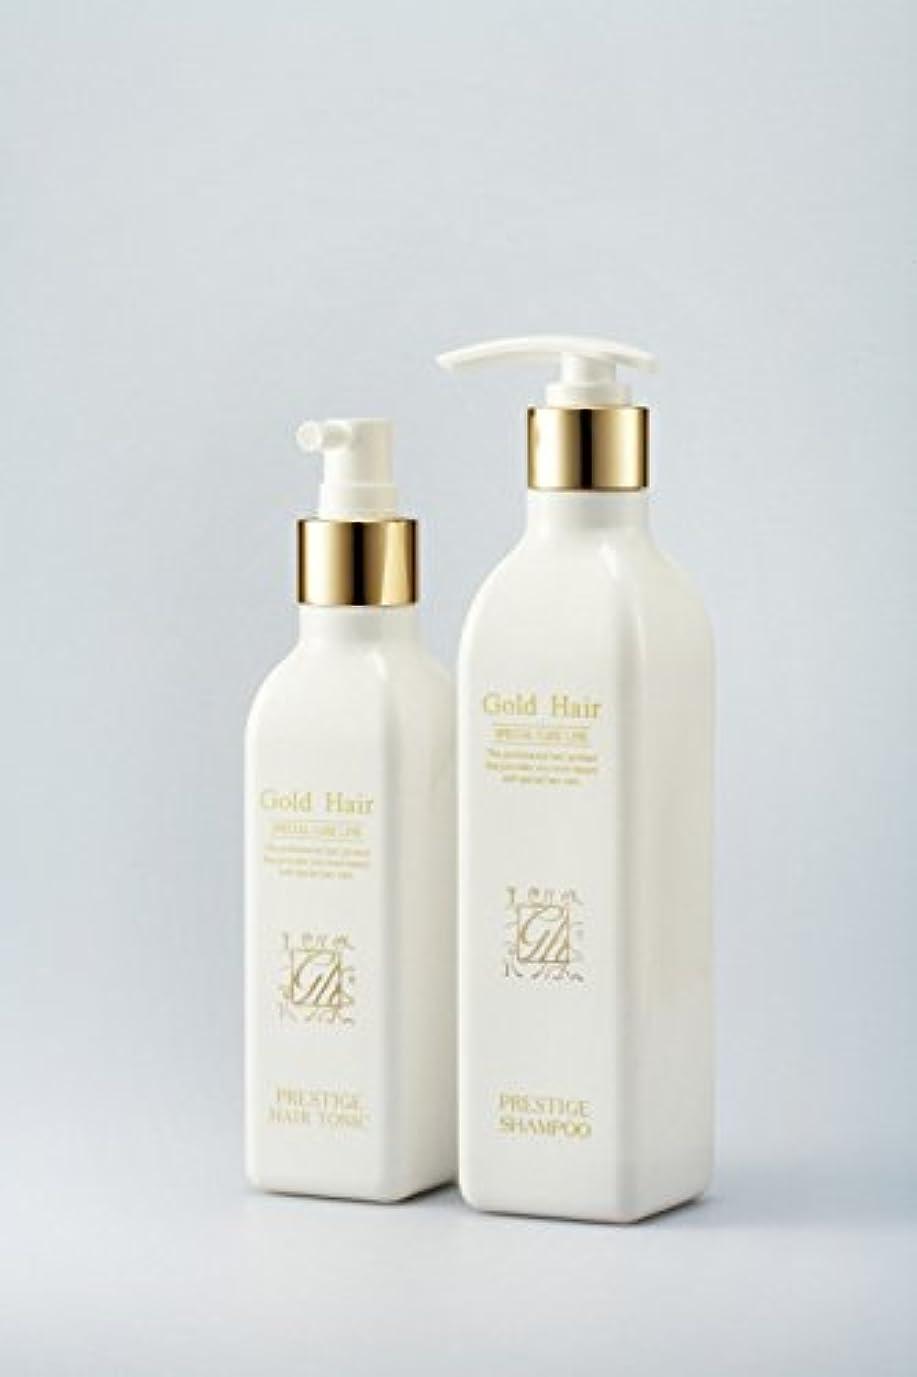 出身地スキップサリーゴールドヘア育毛シャンプー&トニック 漢方シャンプー /Herbal Hair Loss Fast Regrowth Gold Hair Loss Shampoox1ea & Gold Hair Oriental Herbal...